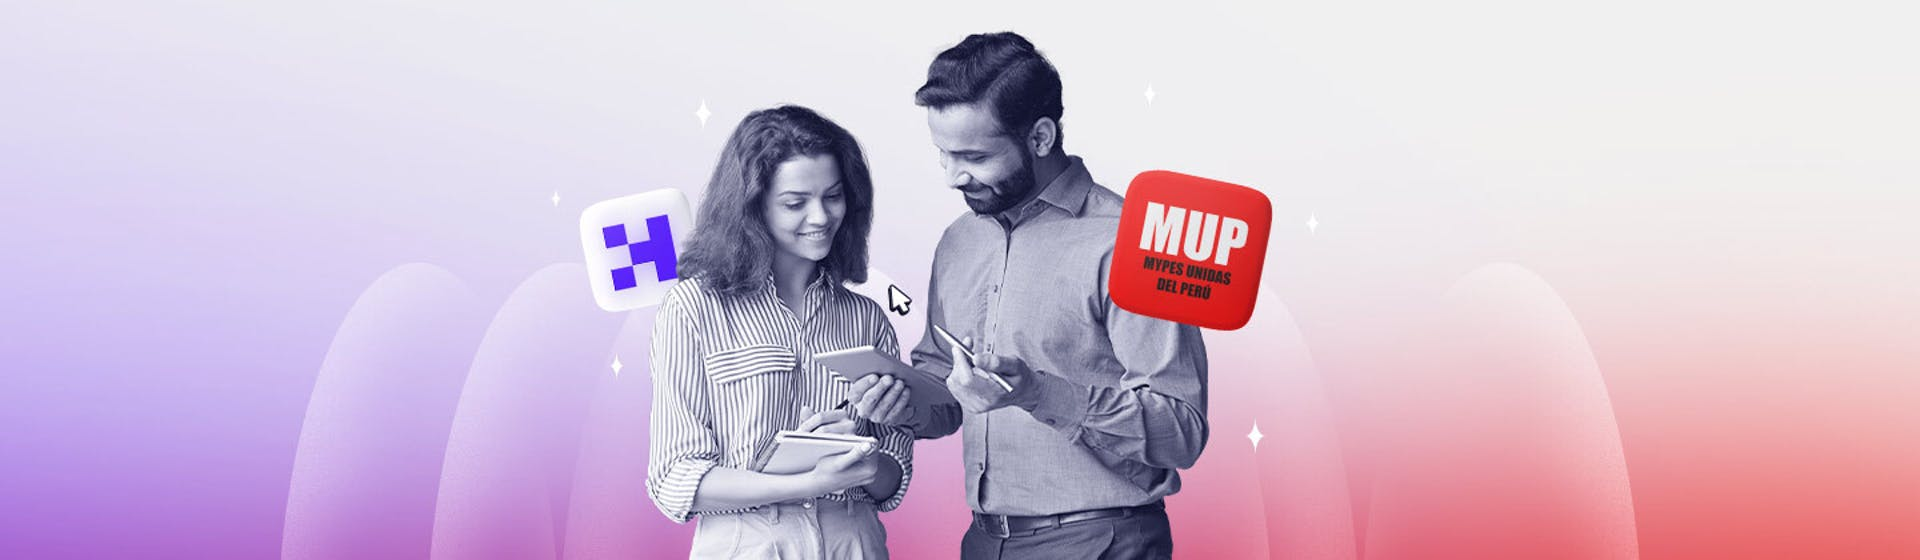 Mypes Perú y Crehana crearon una alianza para digitalizar a las micro, pequeñas y medianas empresas